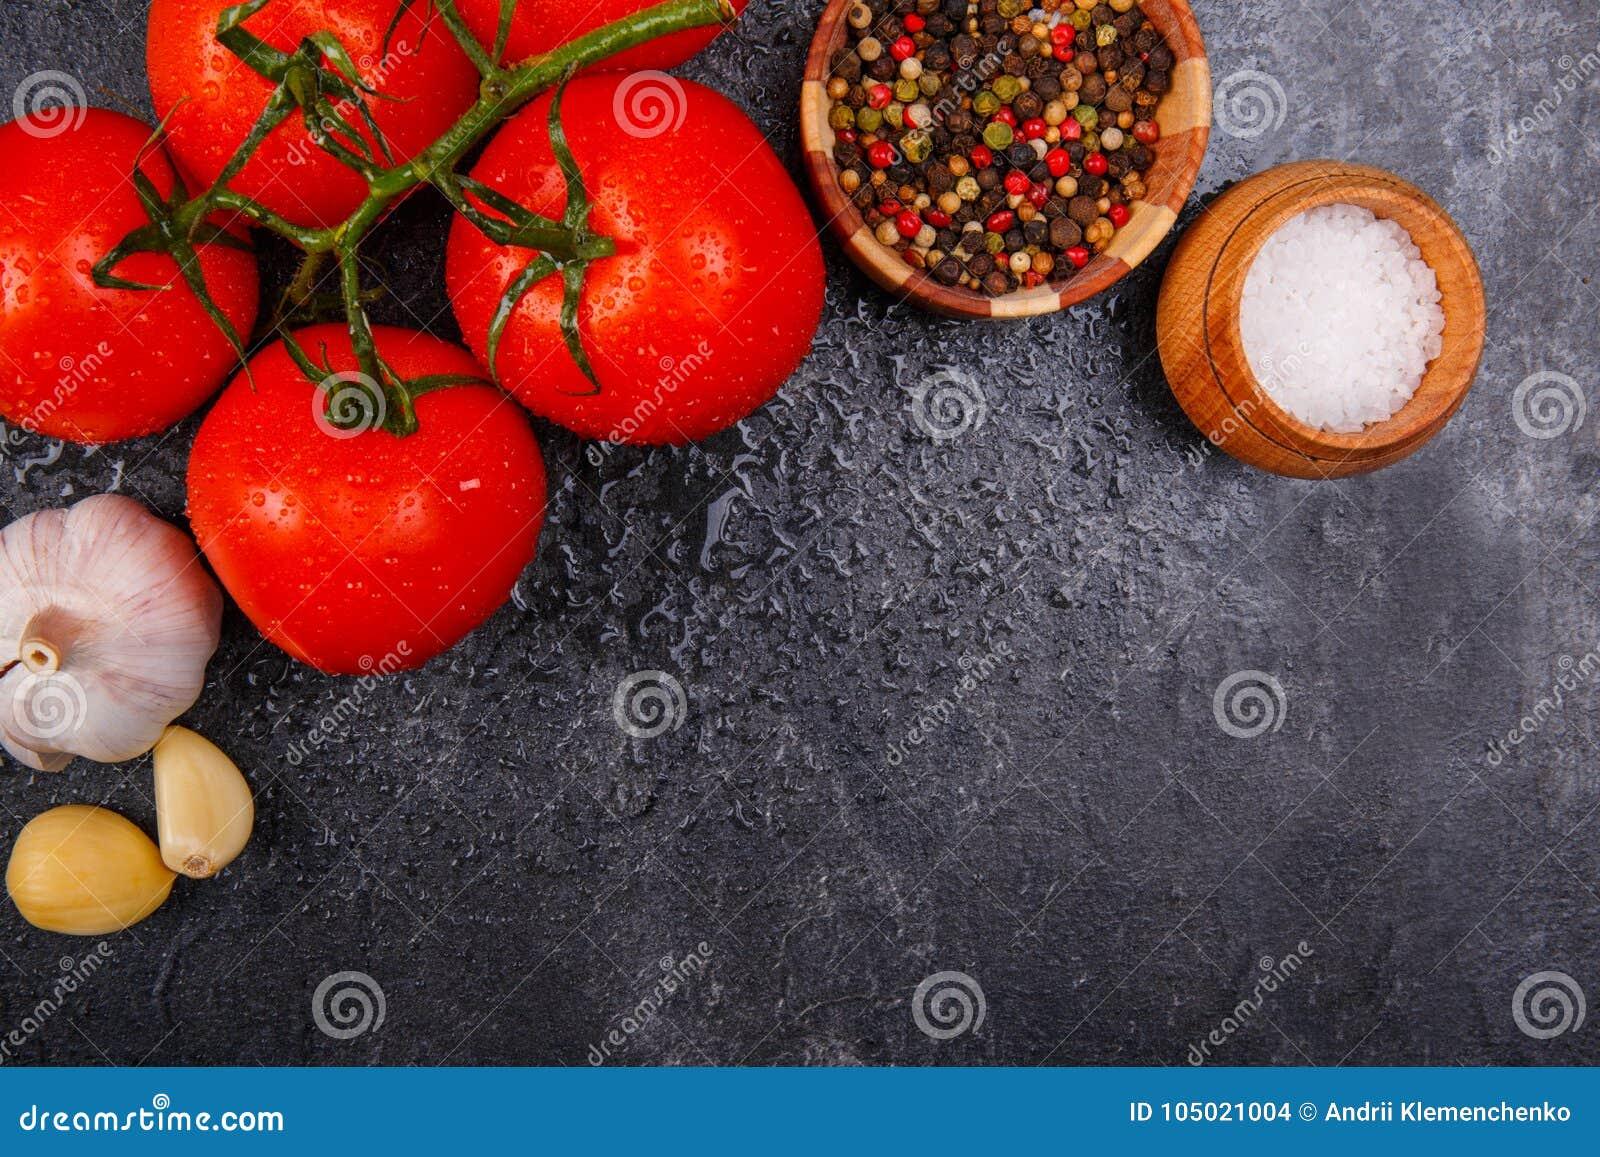 Ώριμος, ορεκτικός φωτεινές ντομάτες με peppercorns, σκόρδο και άλας σε ένα μαύρο υπόβαθρο, υπάρχει χώρος για το κείμενο Όψη